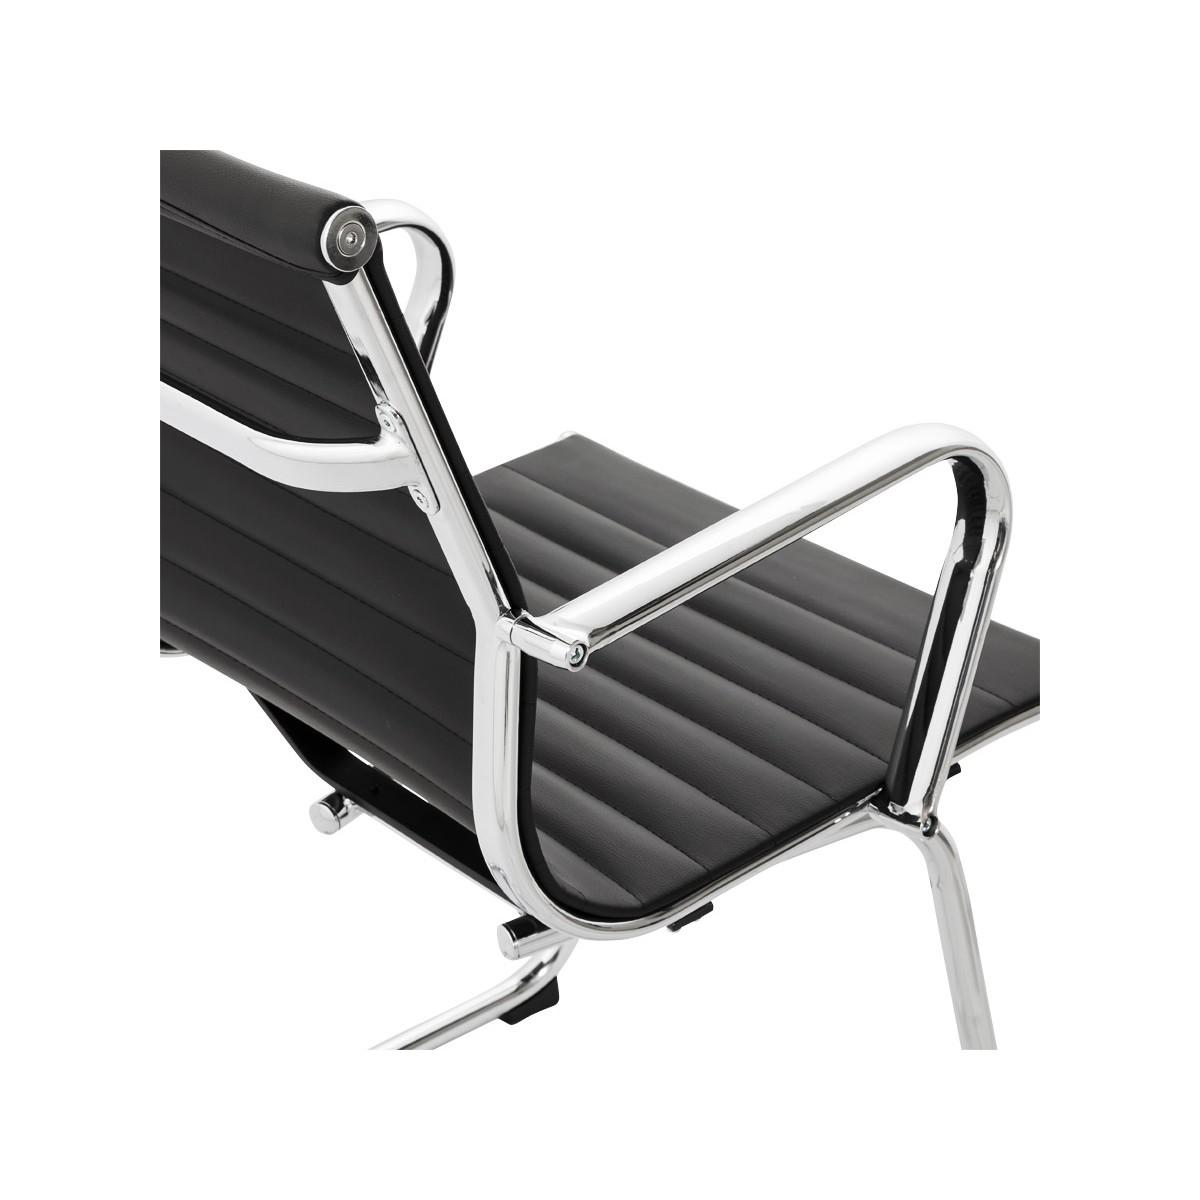 fauteuil de bureau courol en simili cuir noir fran ais. Black Bedroom Furniture Sets. Home Design Ideas